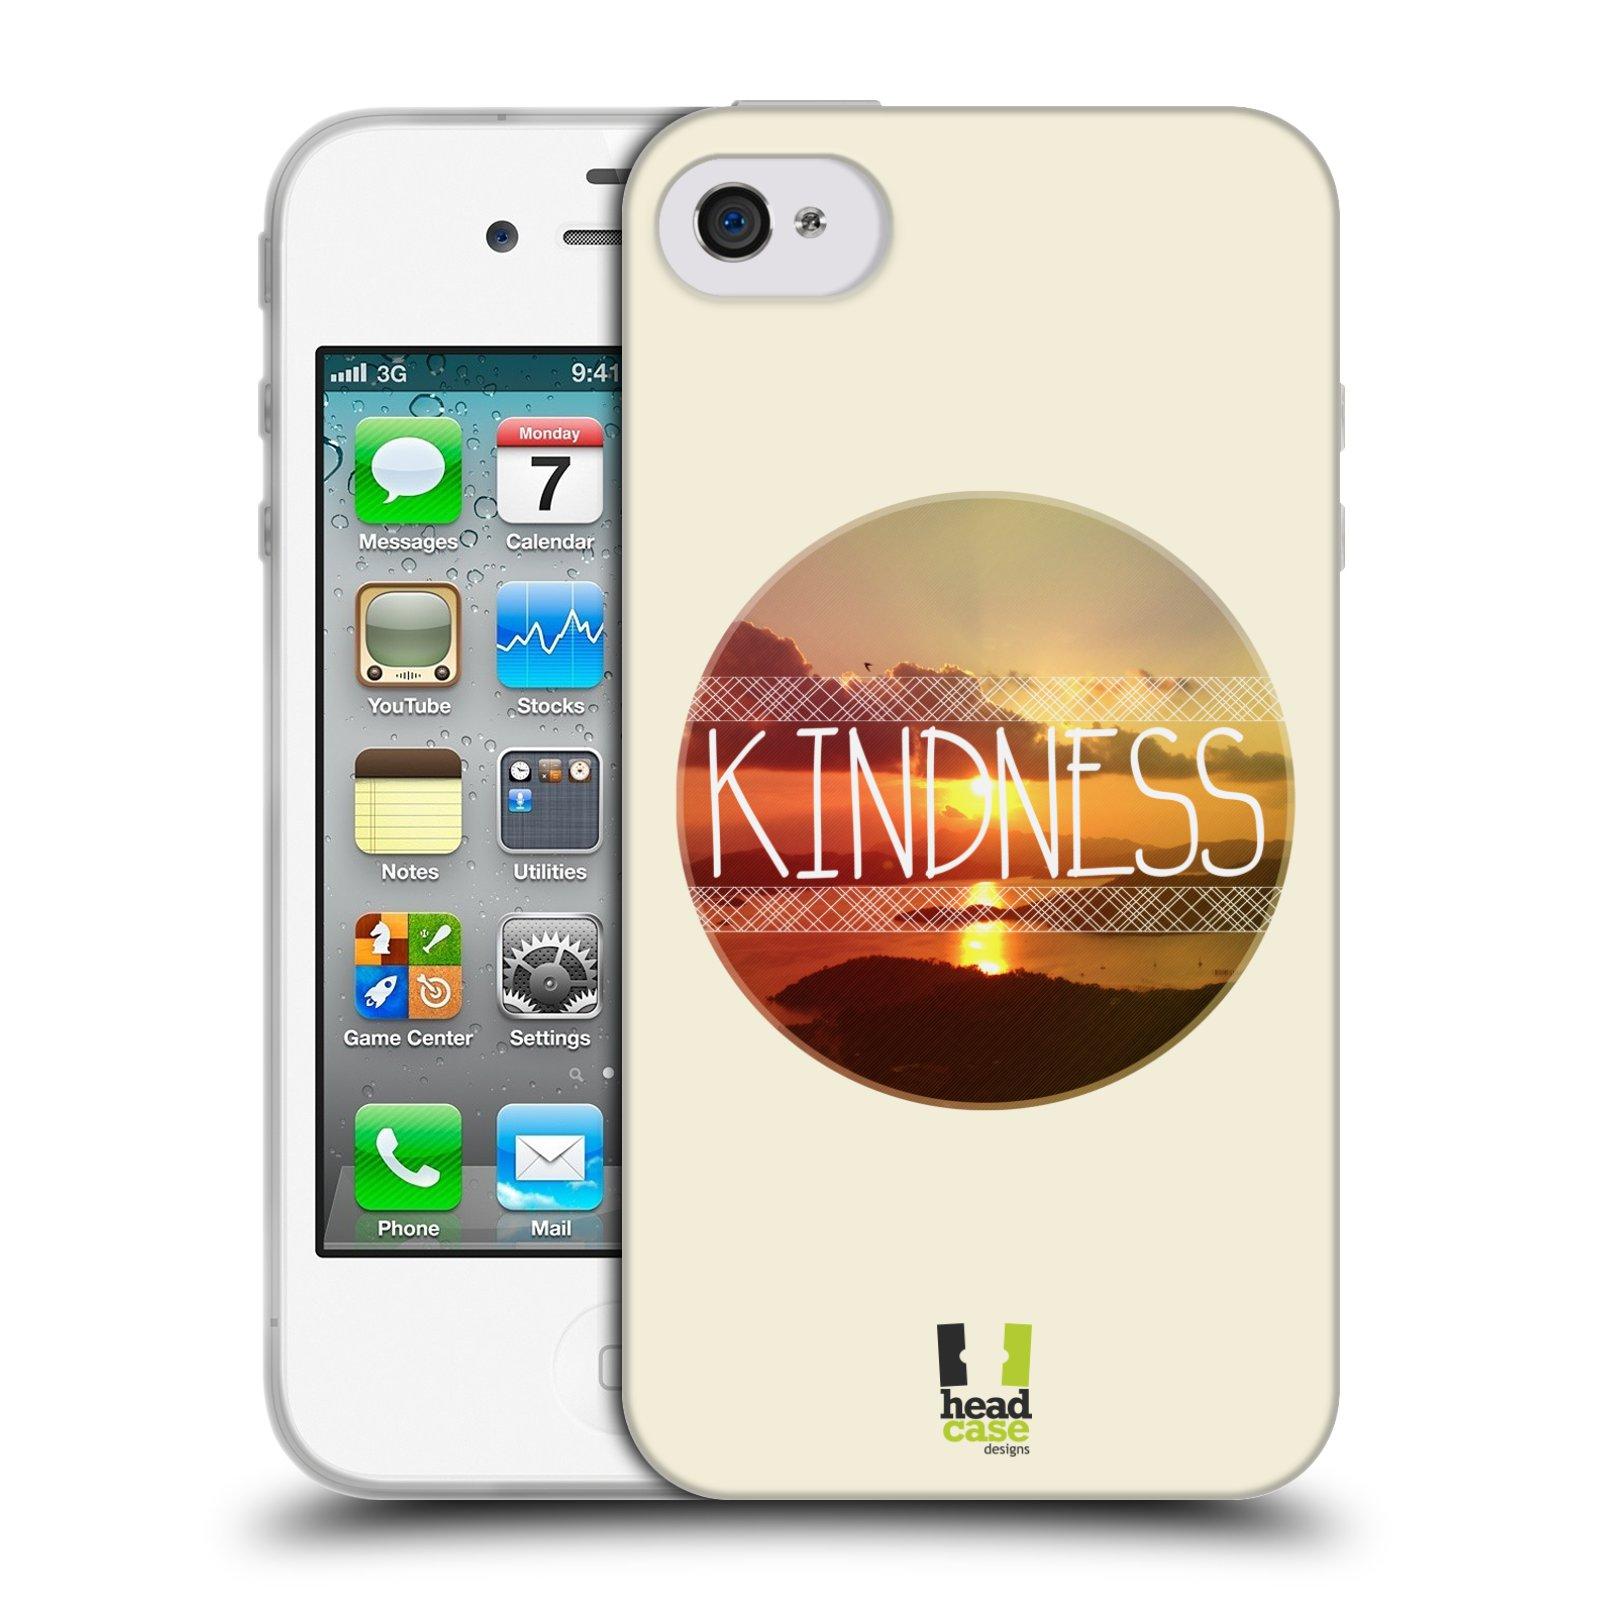 Silikonové pouzdro na mobil Apple iPhone 4 a 4S HEAD CASE INSPIRACE V KRUHU LASKAVOST (Silikonový kryt či obal na mobilní telefon Apple iPhone 4 a 4S)